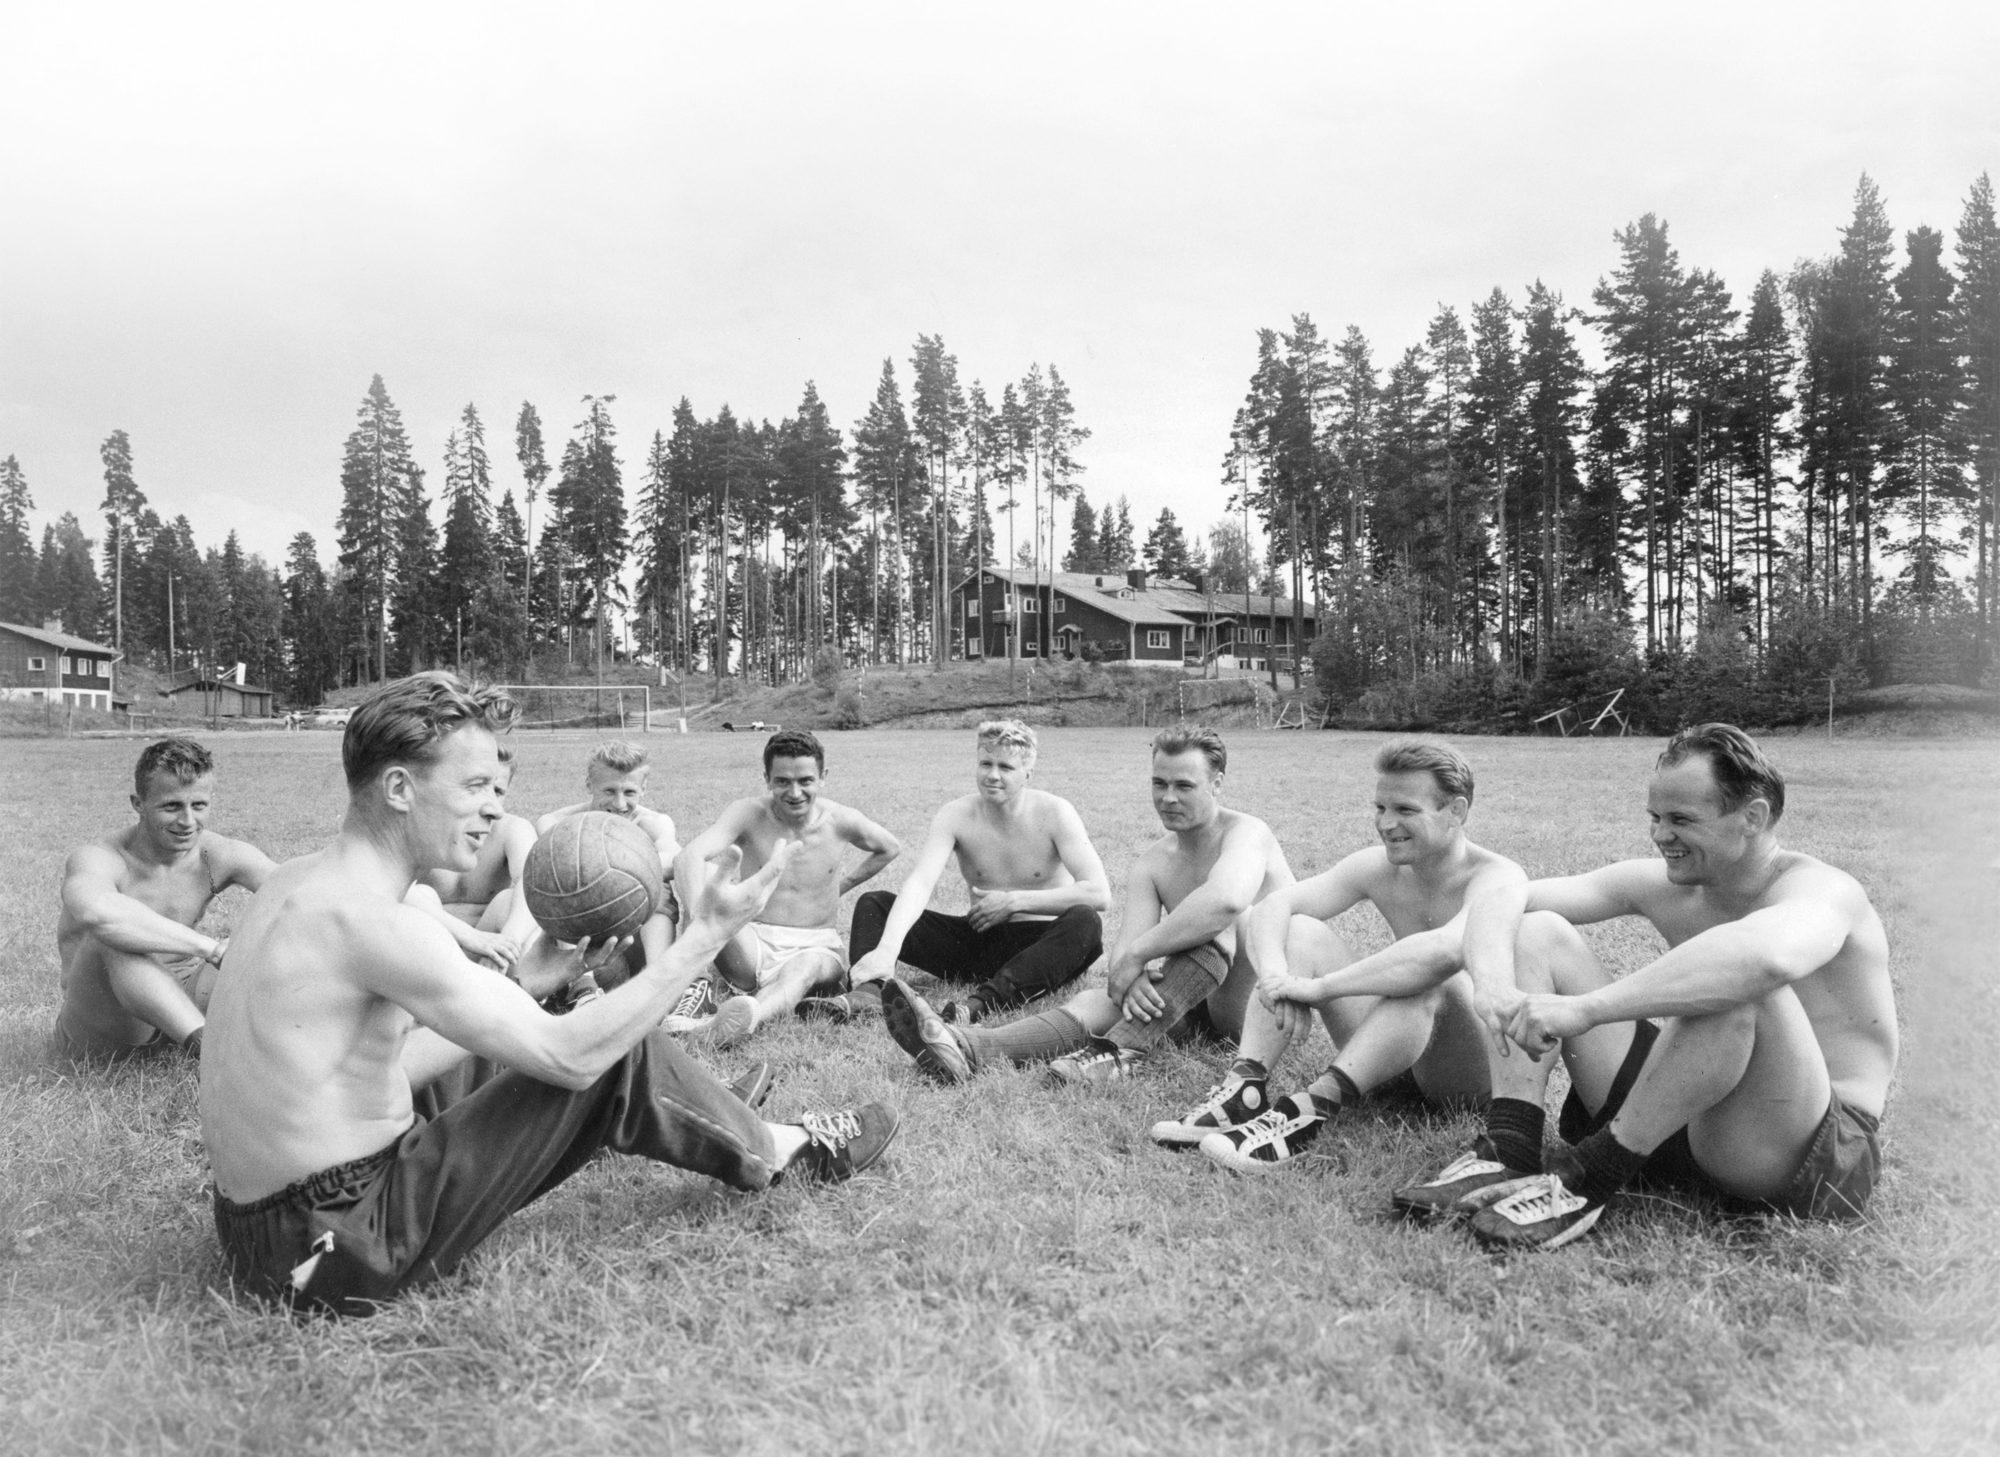 Eerikila-historia-Eerikkilä-herokuva